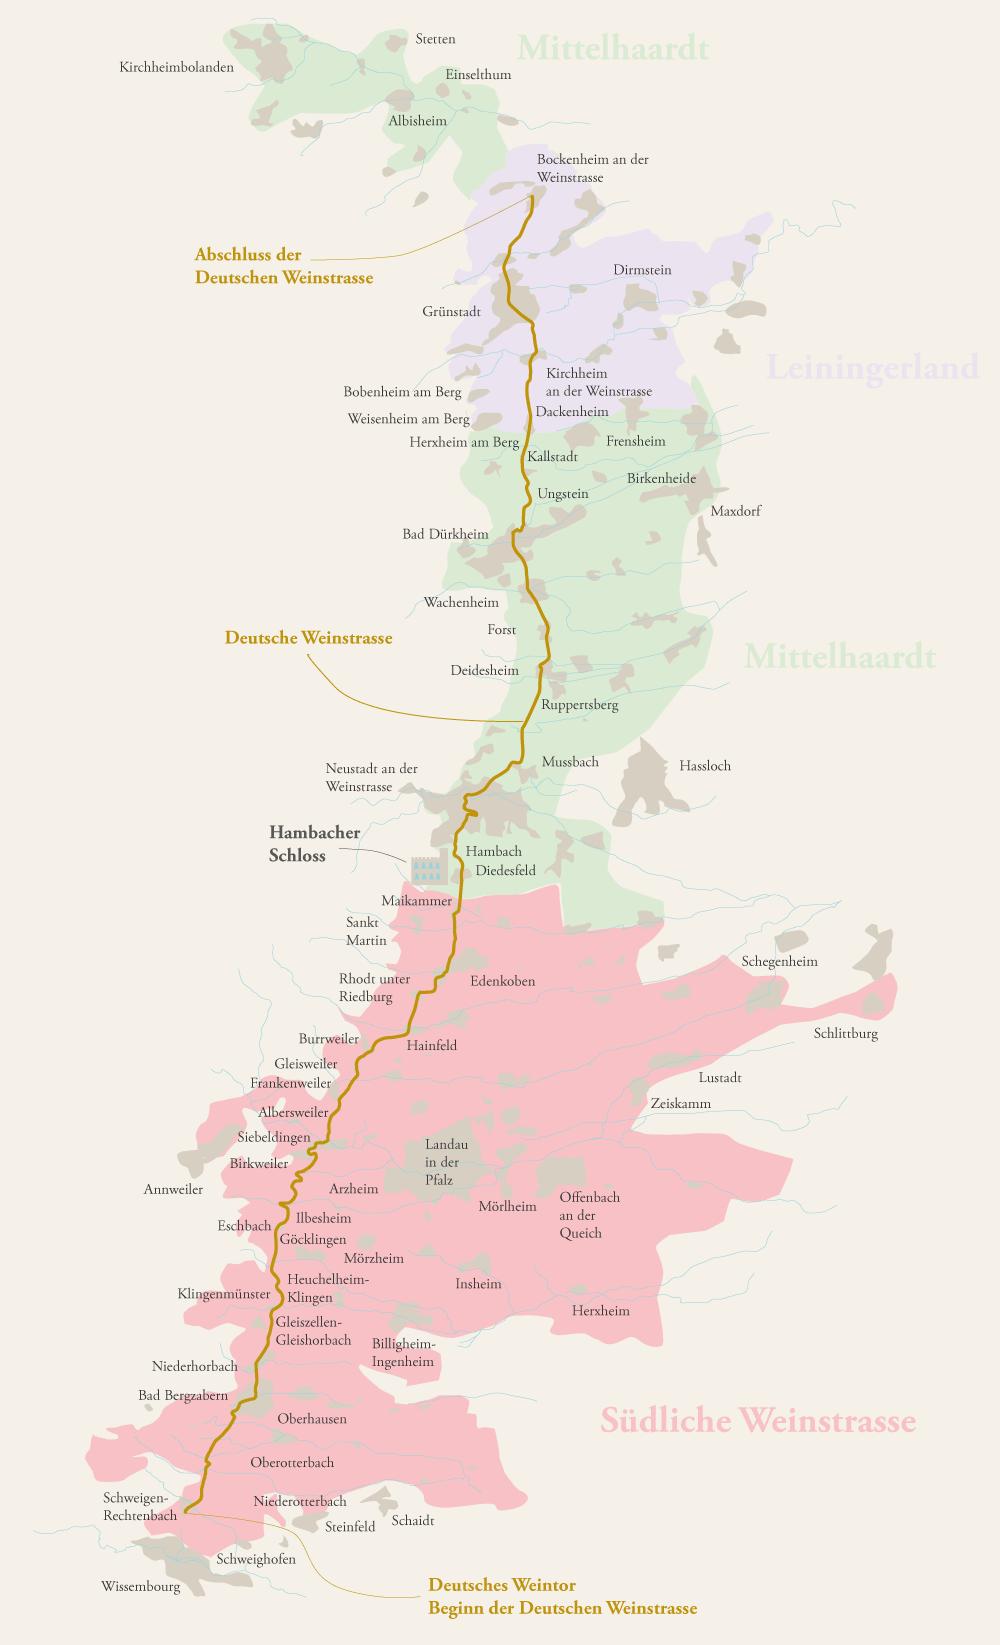 Weinbau-Karte der Weinregion Pfalz mit den Bereichen Südliche Weinstraße, Mittelhaardt und Leiningerland sowie der Deutschen Weinstrasse und dem Hambacher Schloss